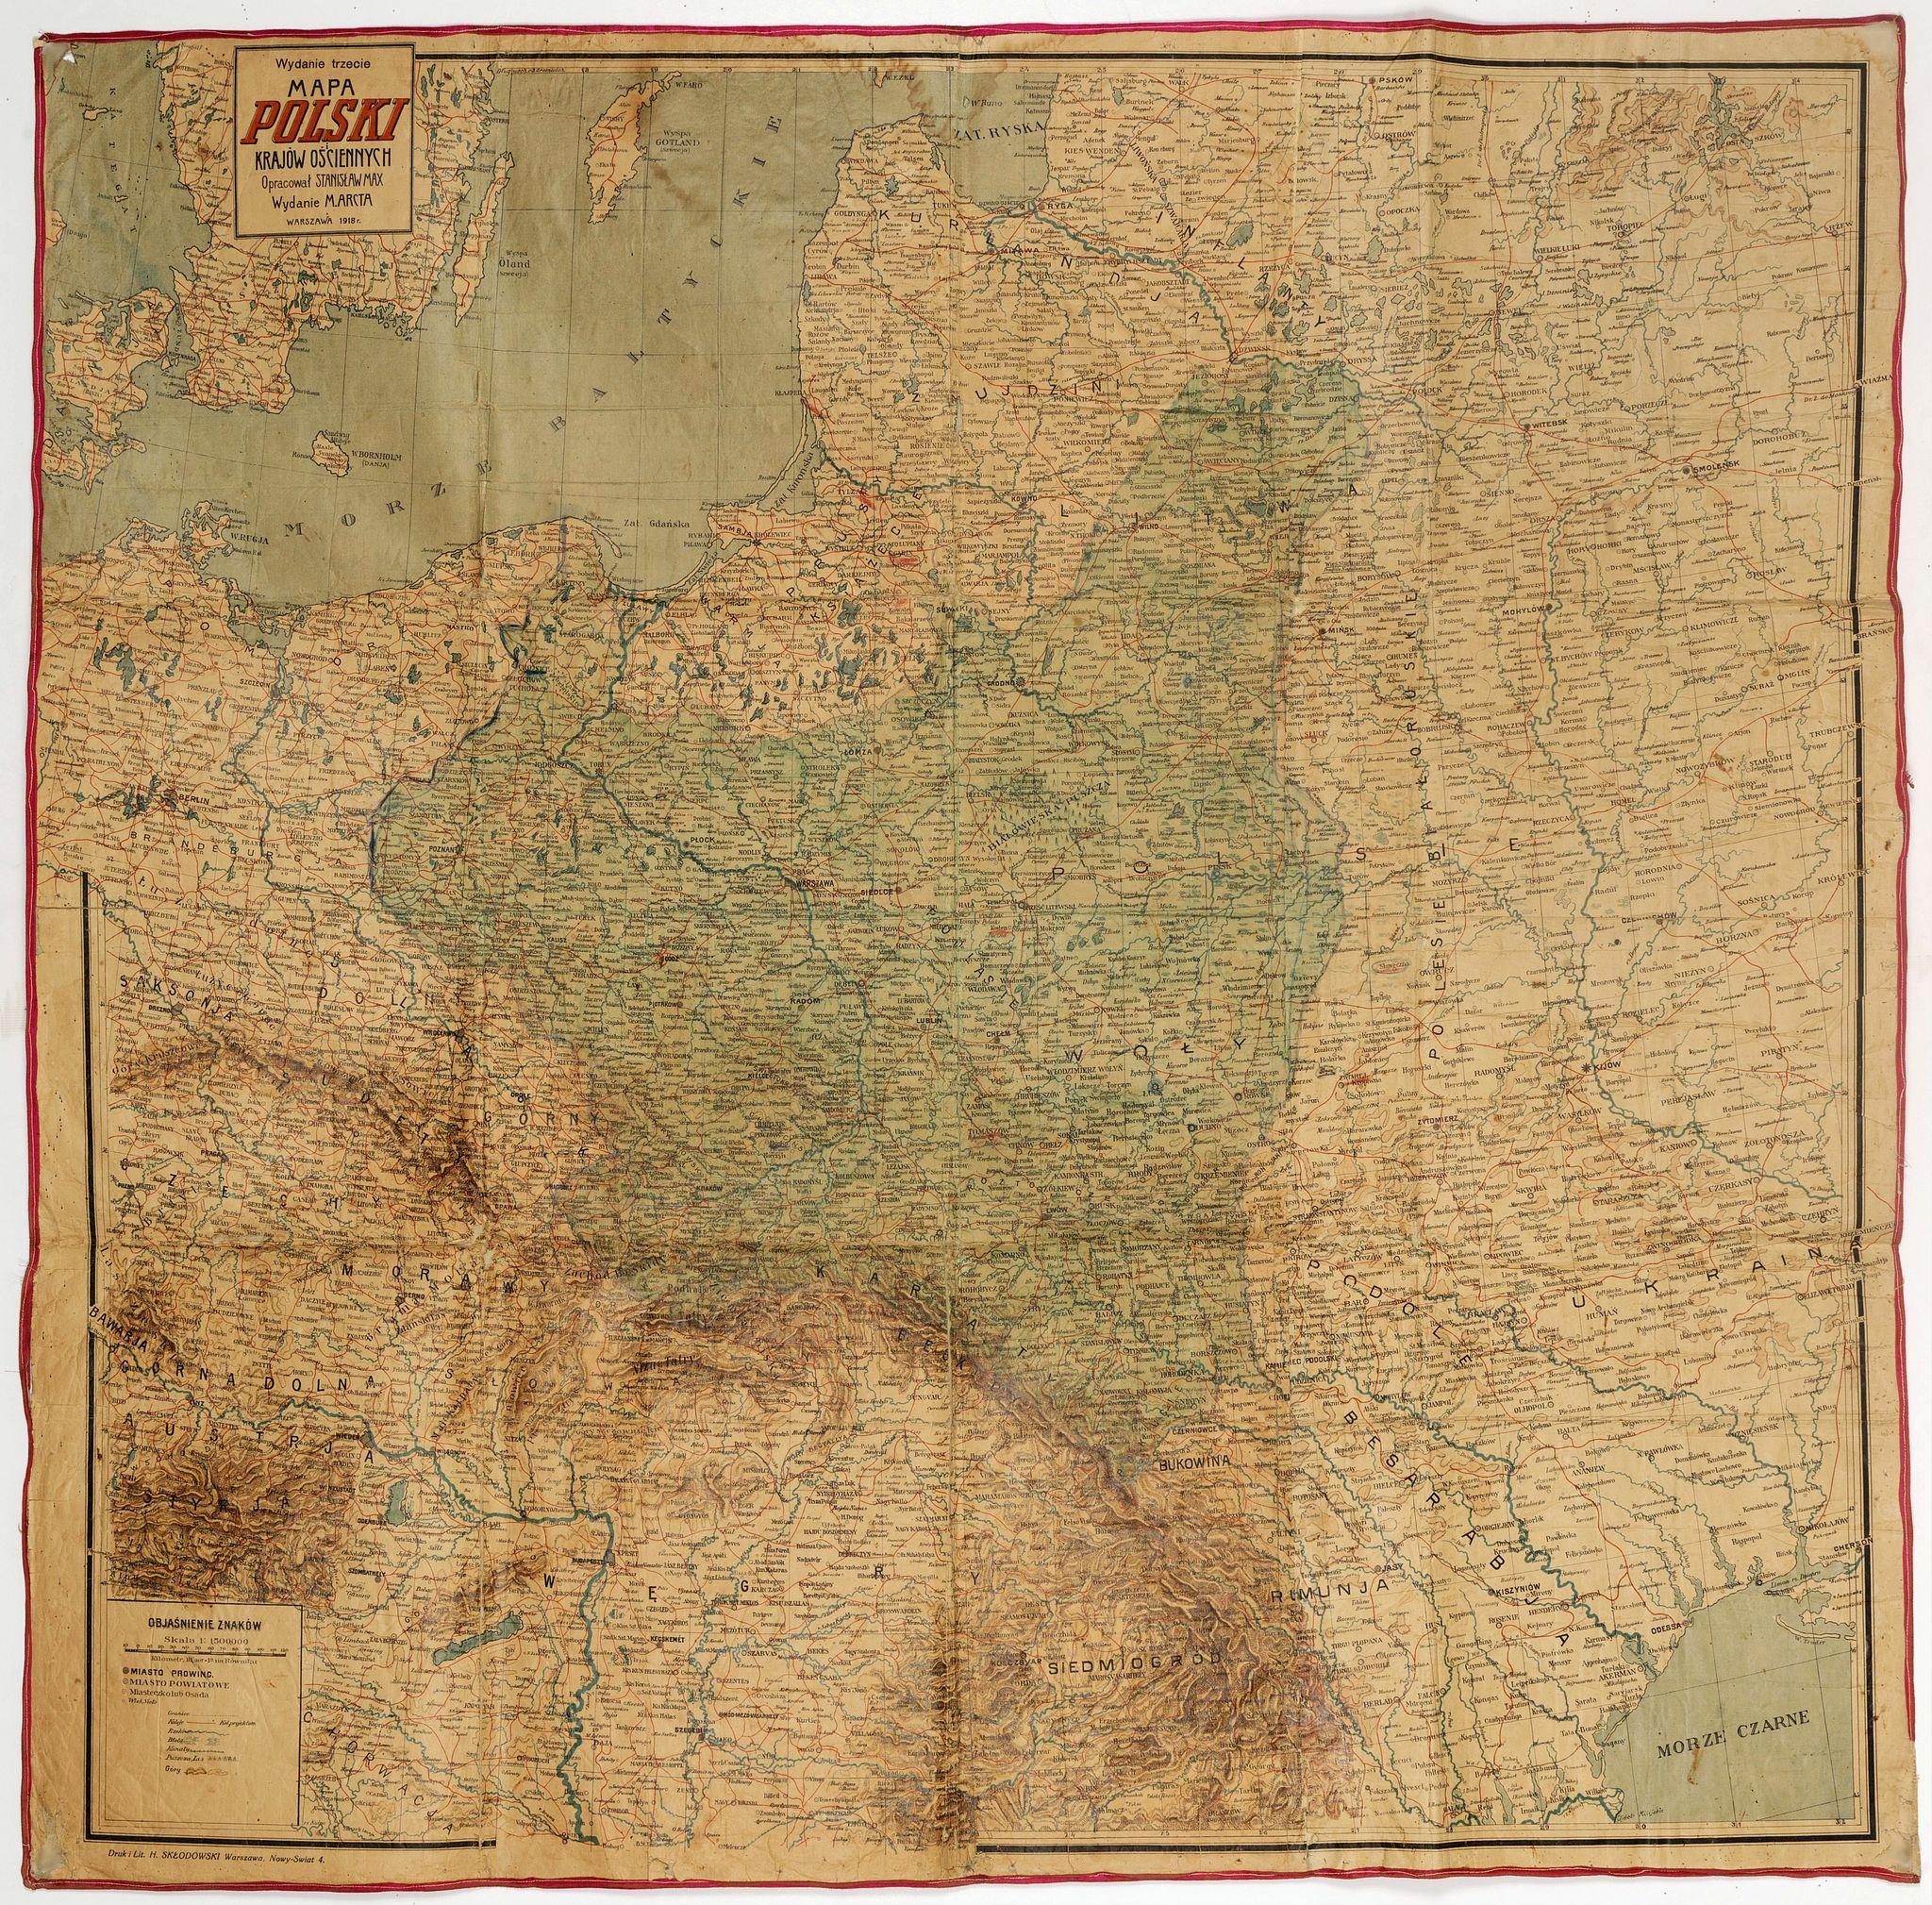 Stanislaw MAX. -  Mapa Polski i Krajów Osciennych - Wydanie trzecie. Opracowal Stanislaw Max. Wydani M. Arcta.